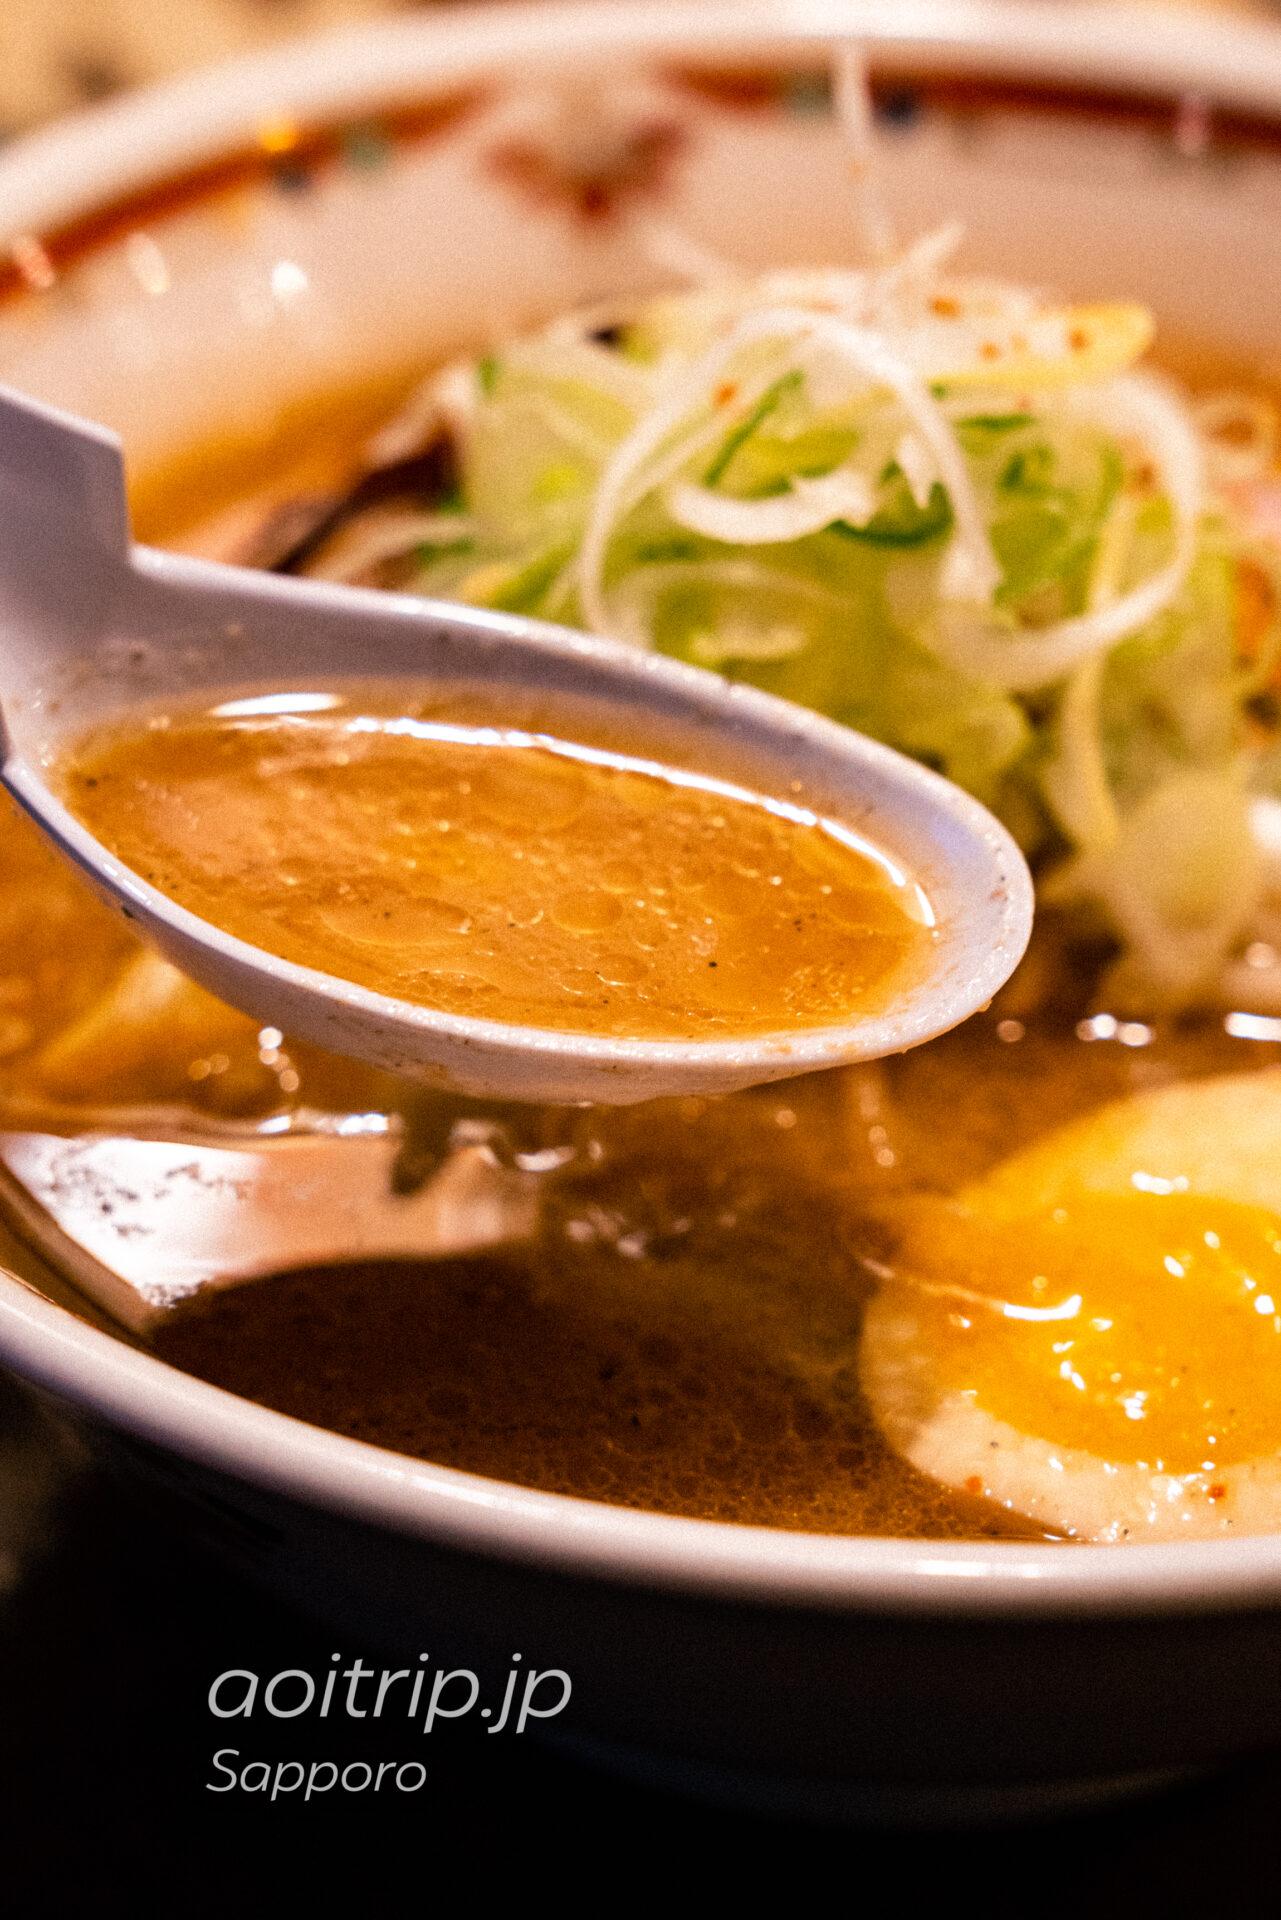 狼スープ 味噌卵ラーメン